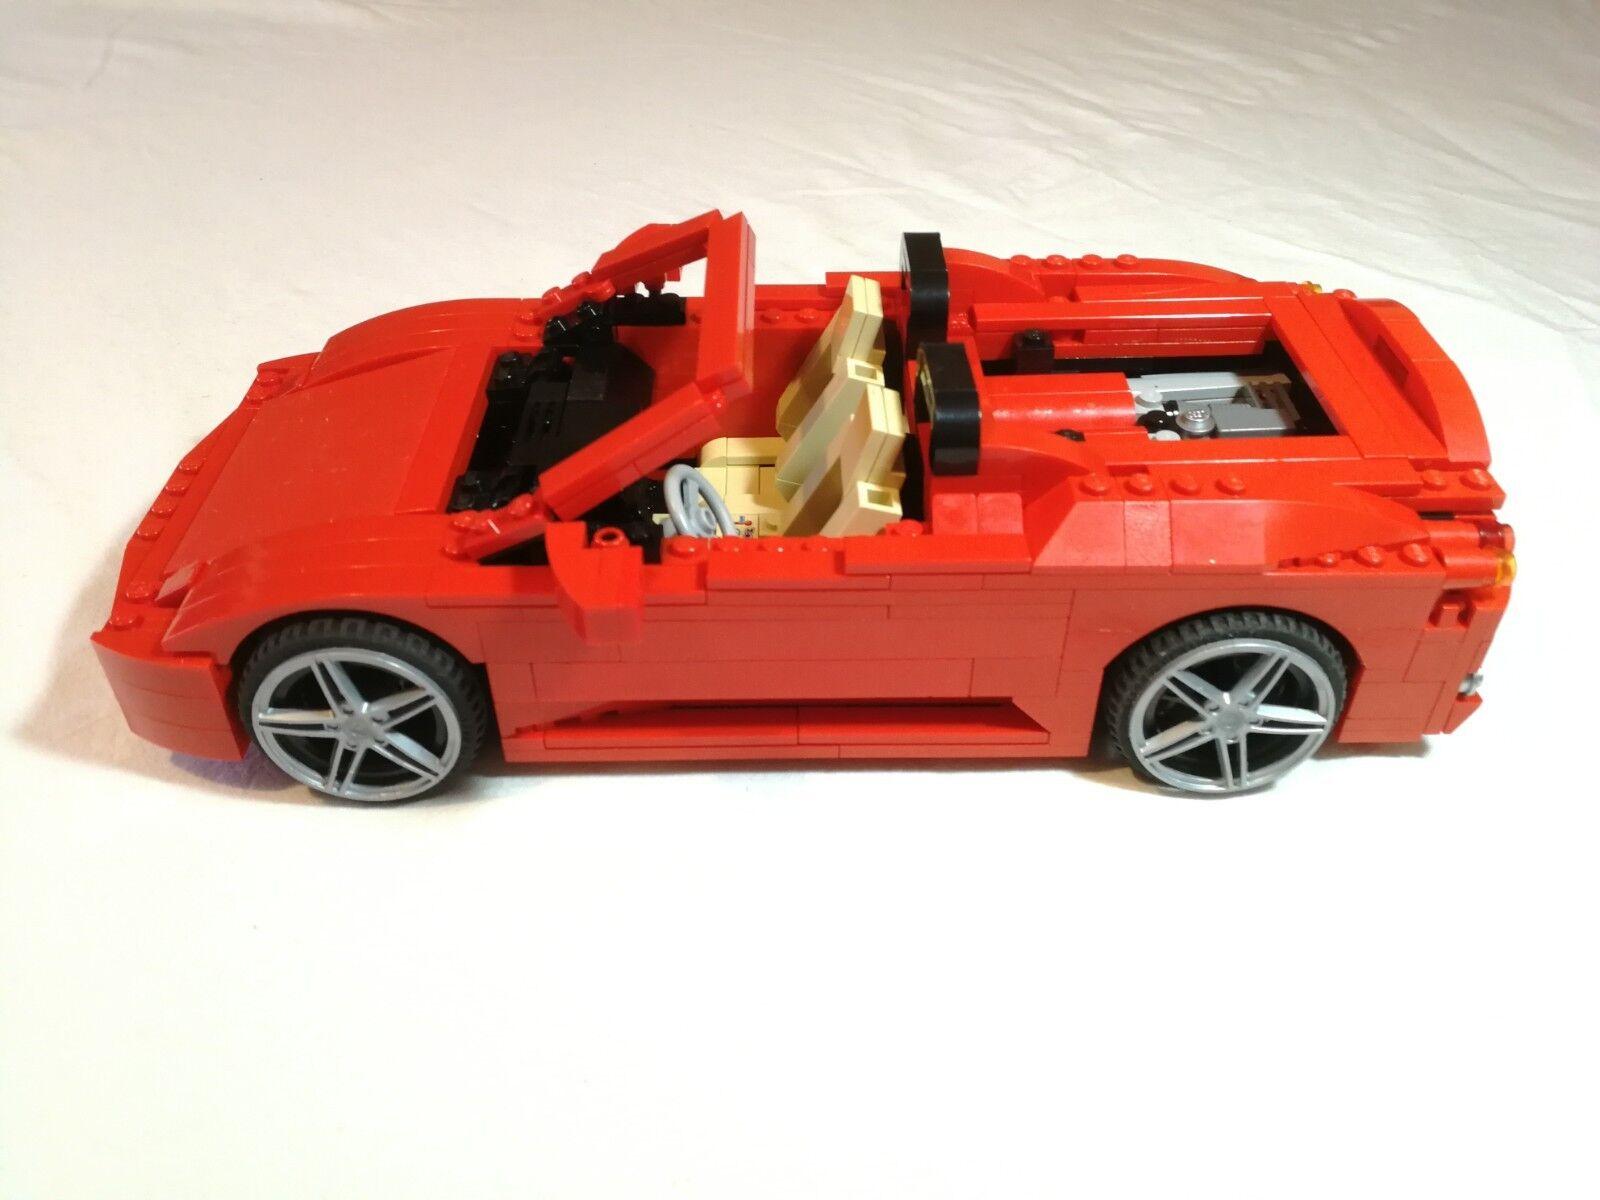 Lego Racers 8671 - Ferrari 430 Spider 1 17